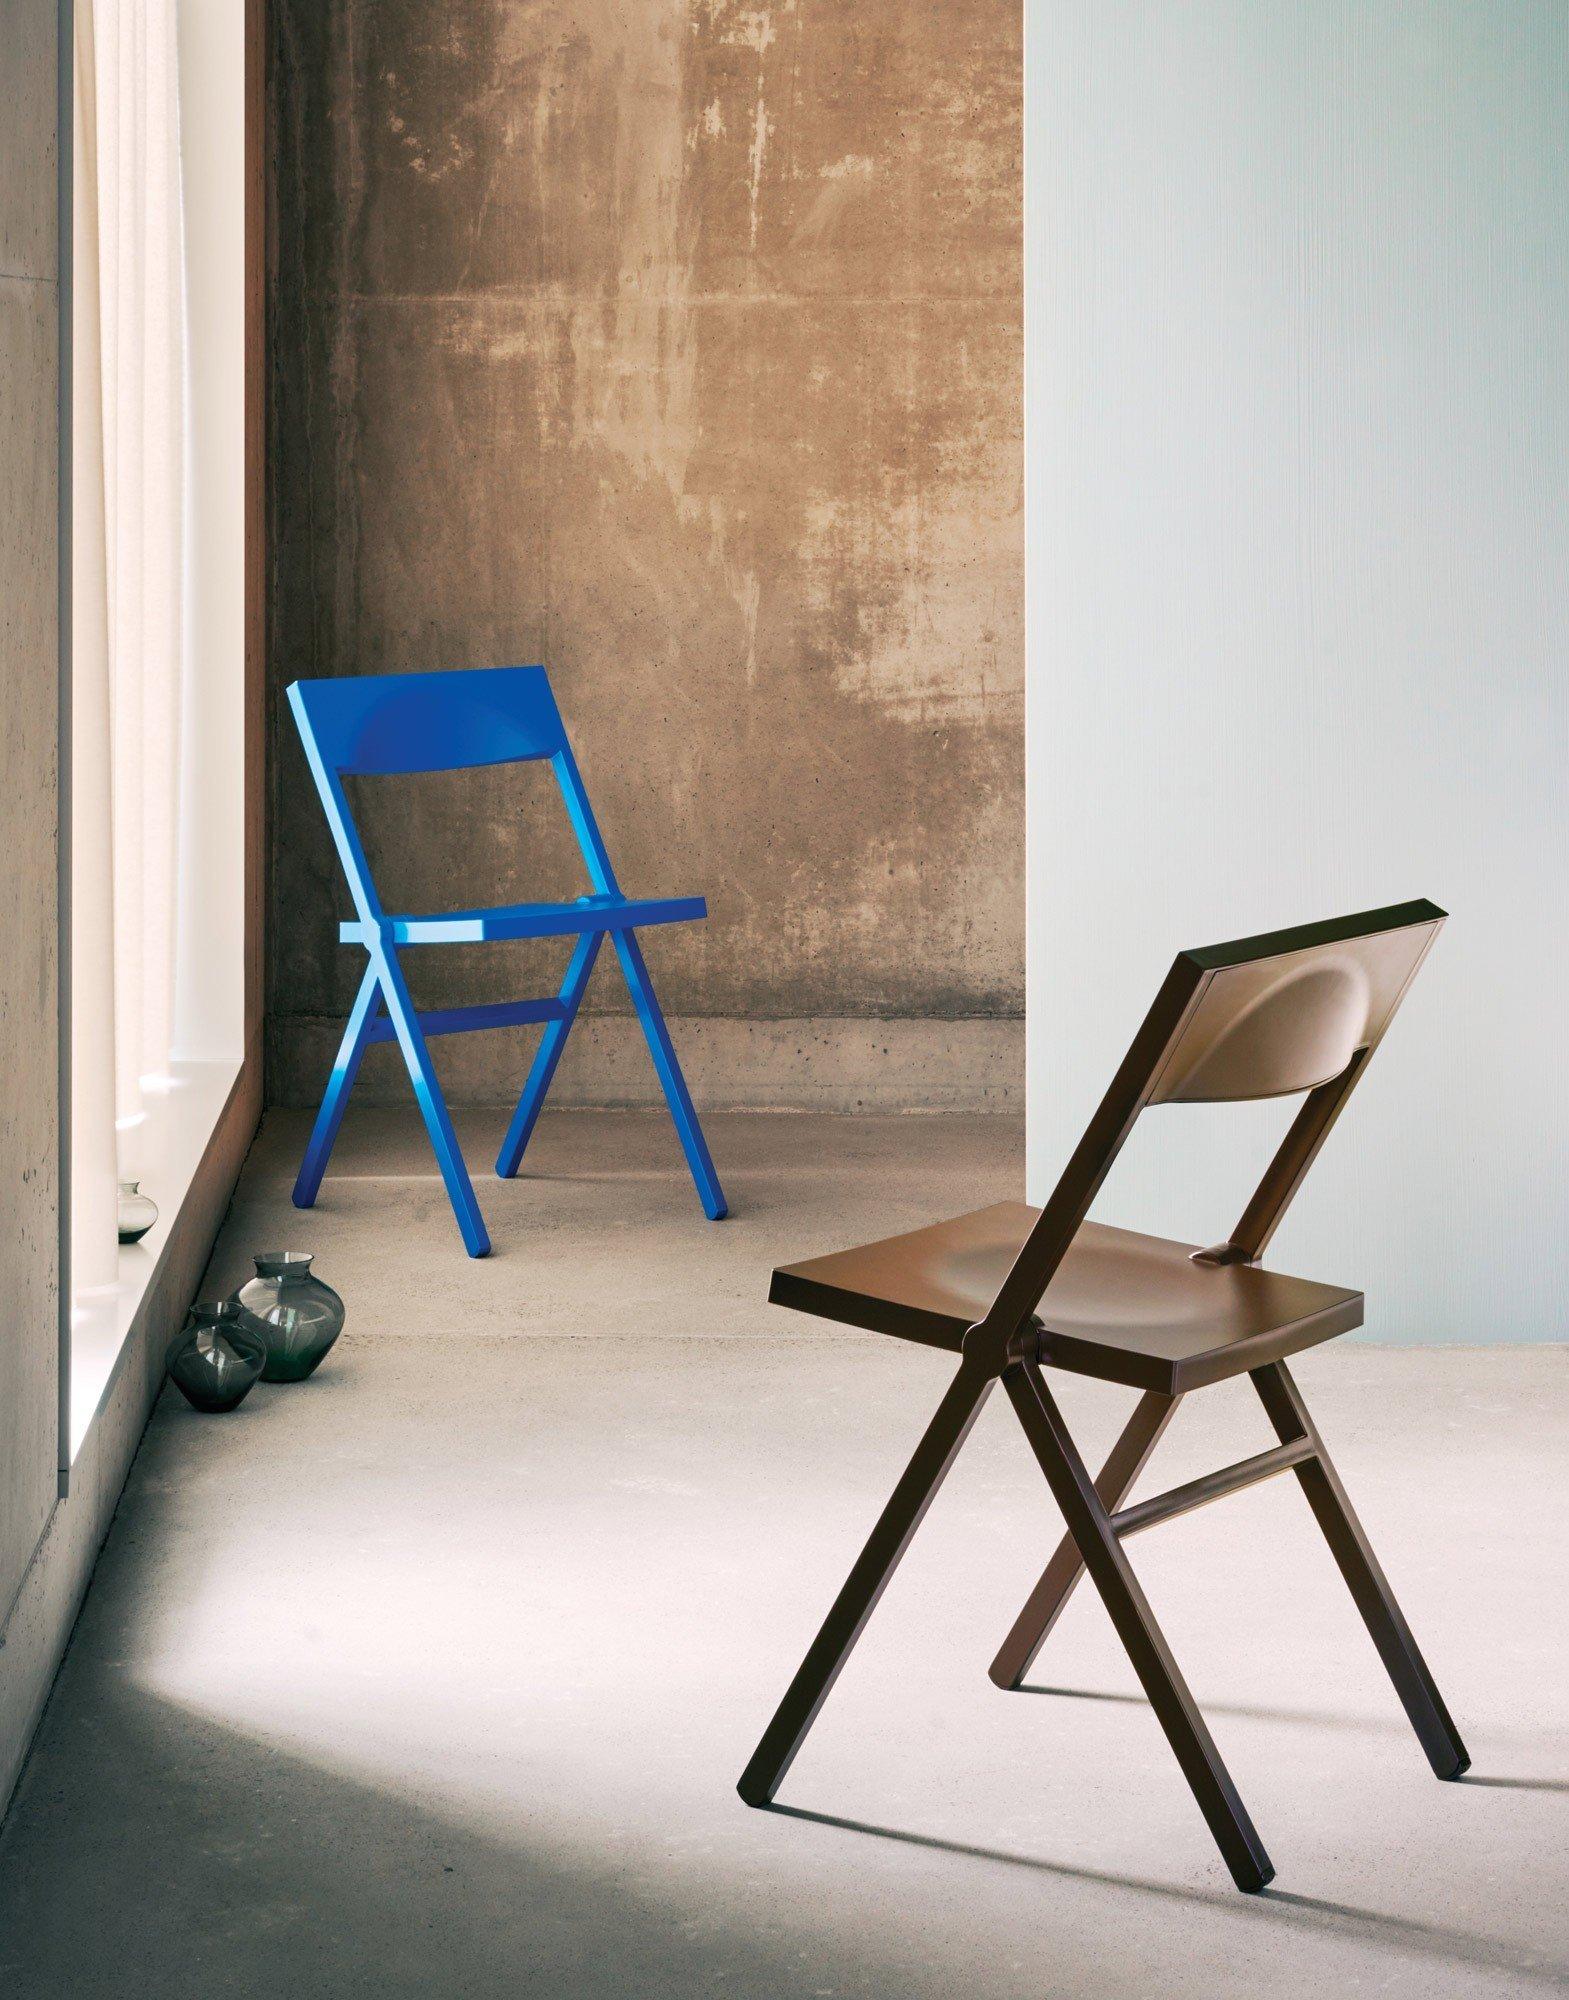 Krzesło składane Alessi Piana, czarne